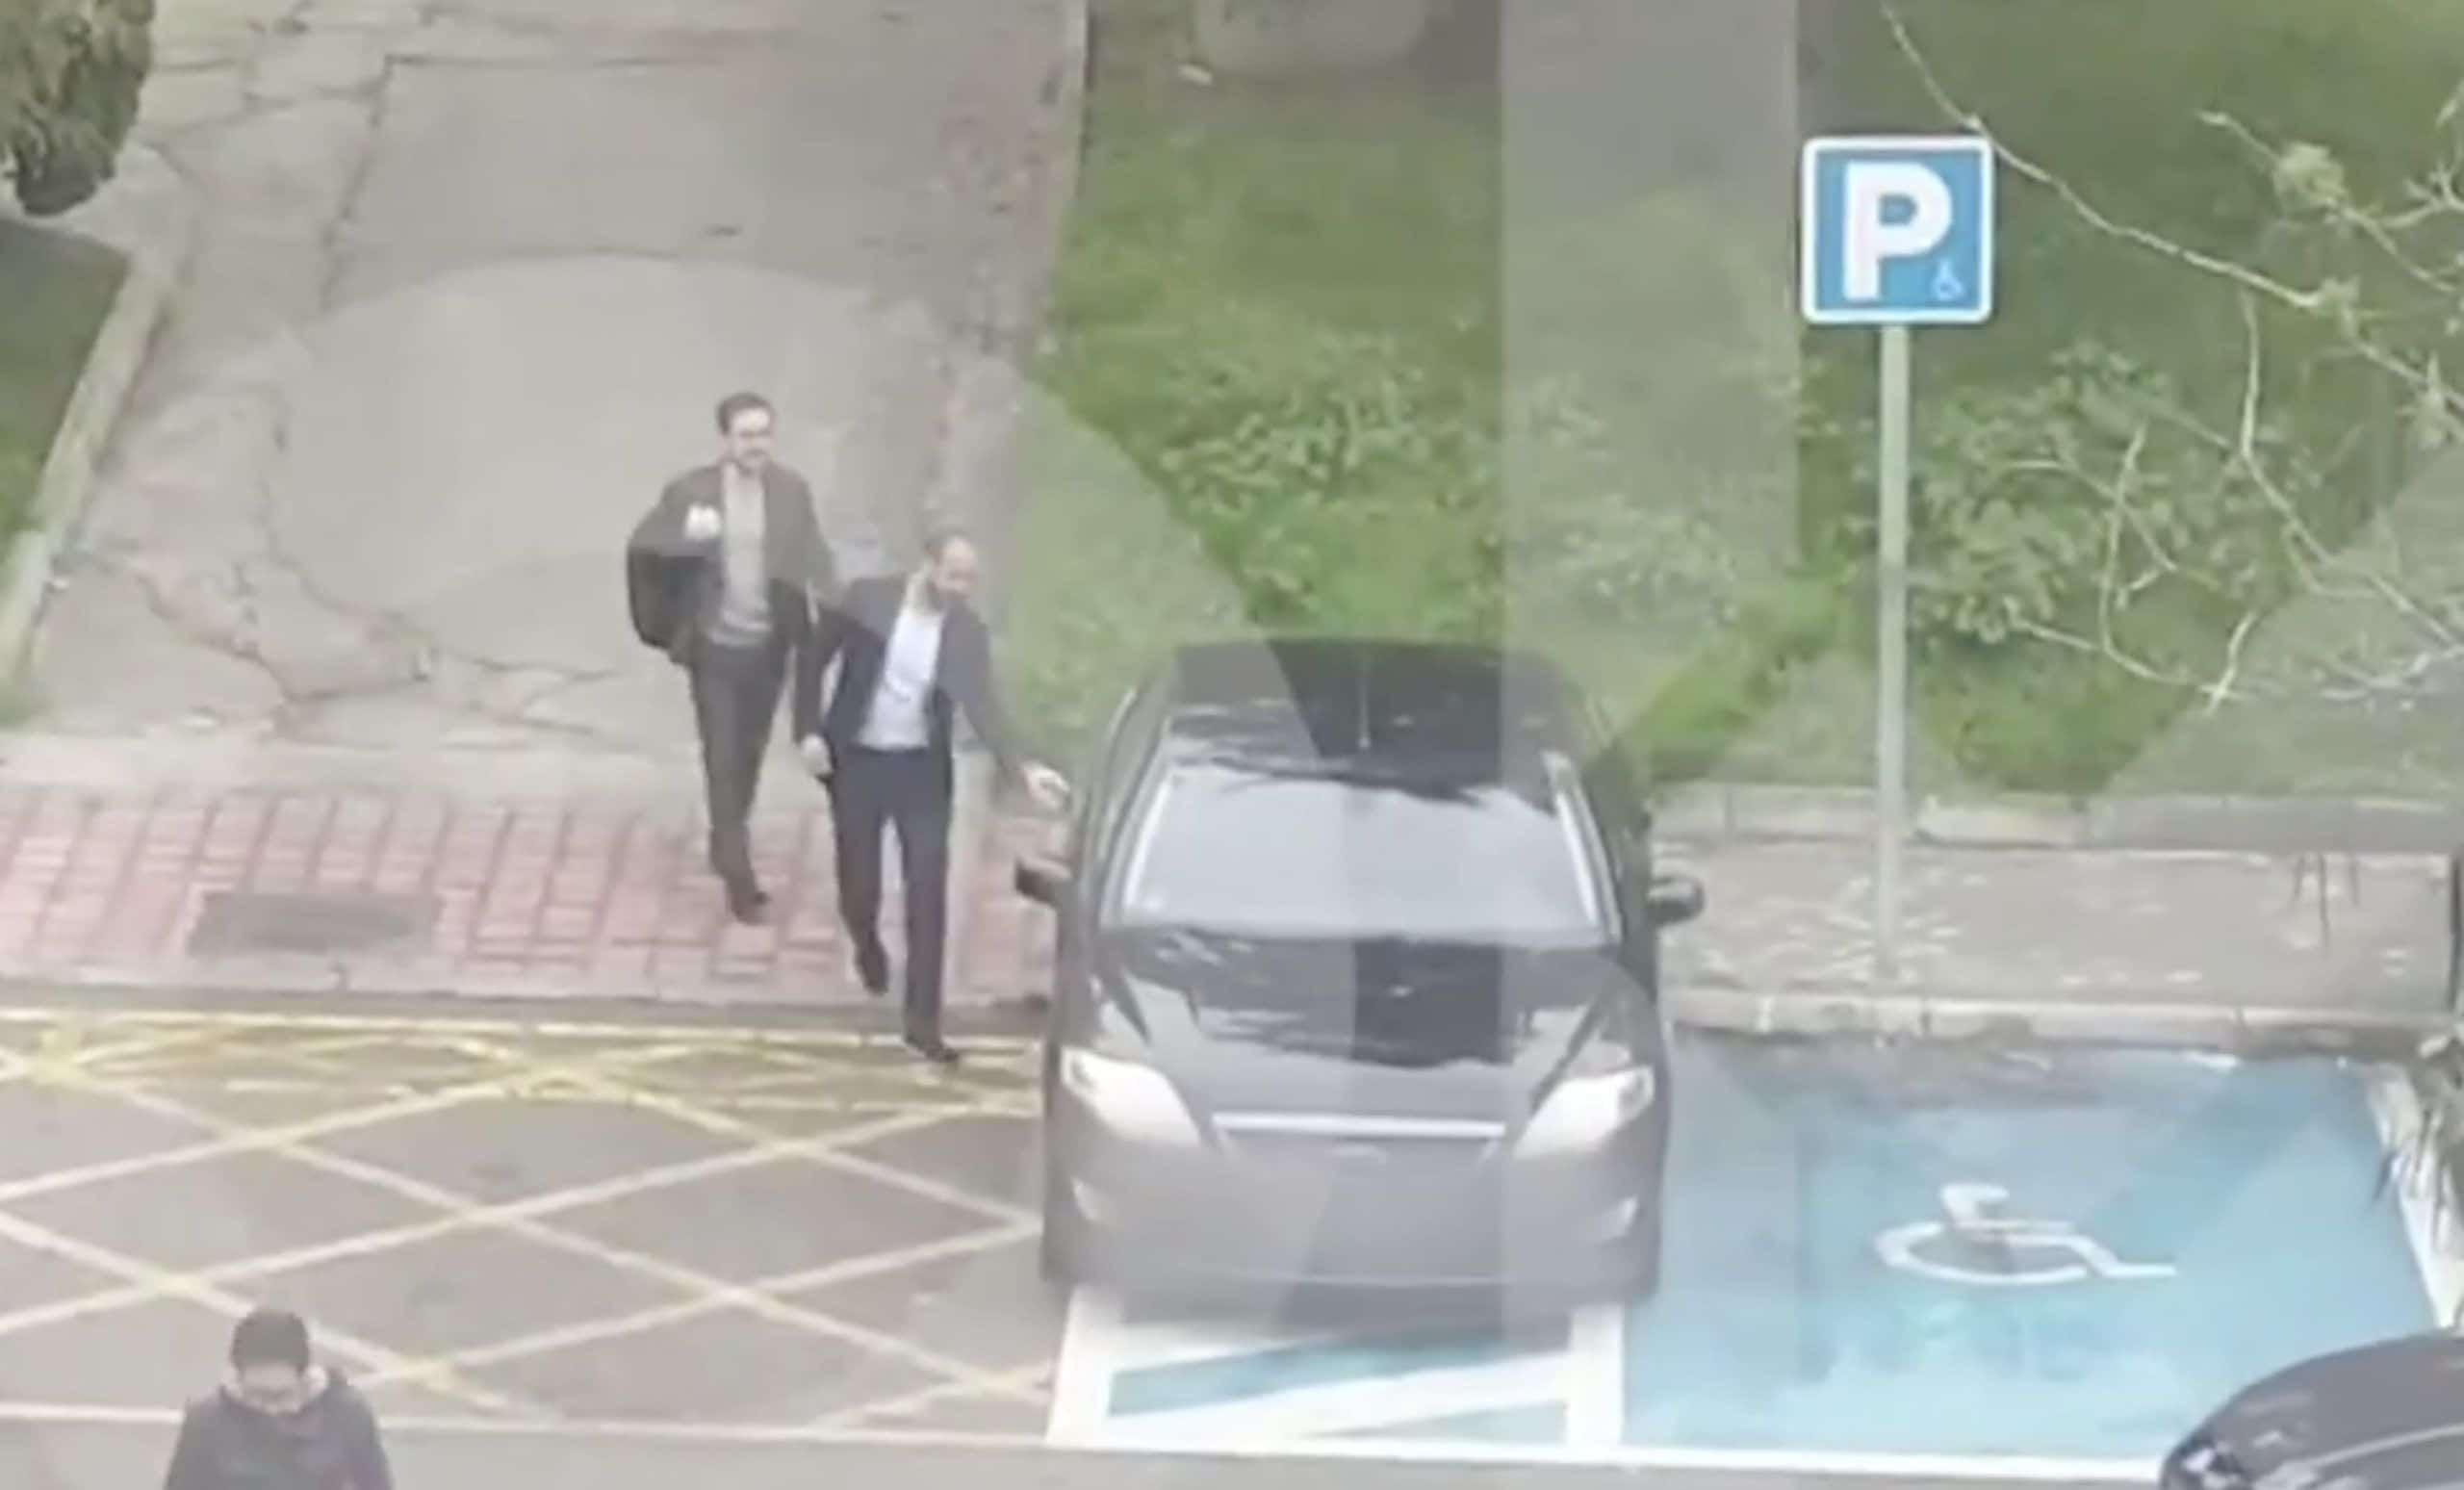 Pillan al Ministro Garzón subirse a su coche oficial aparcado en plaza reservada para personas con movilidad reducida